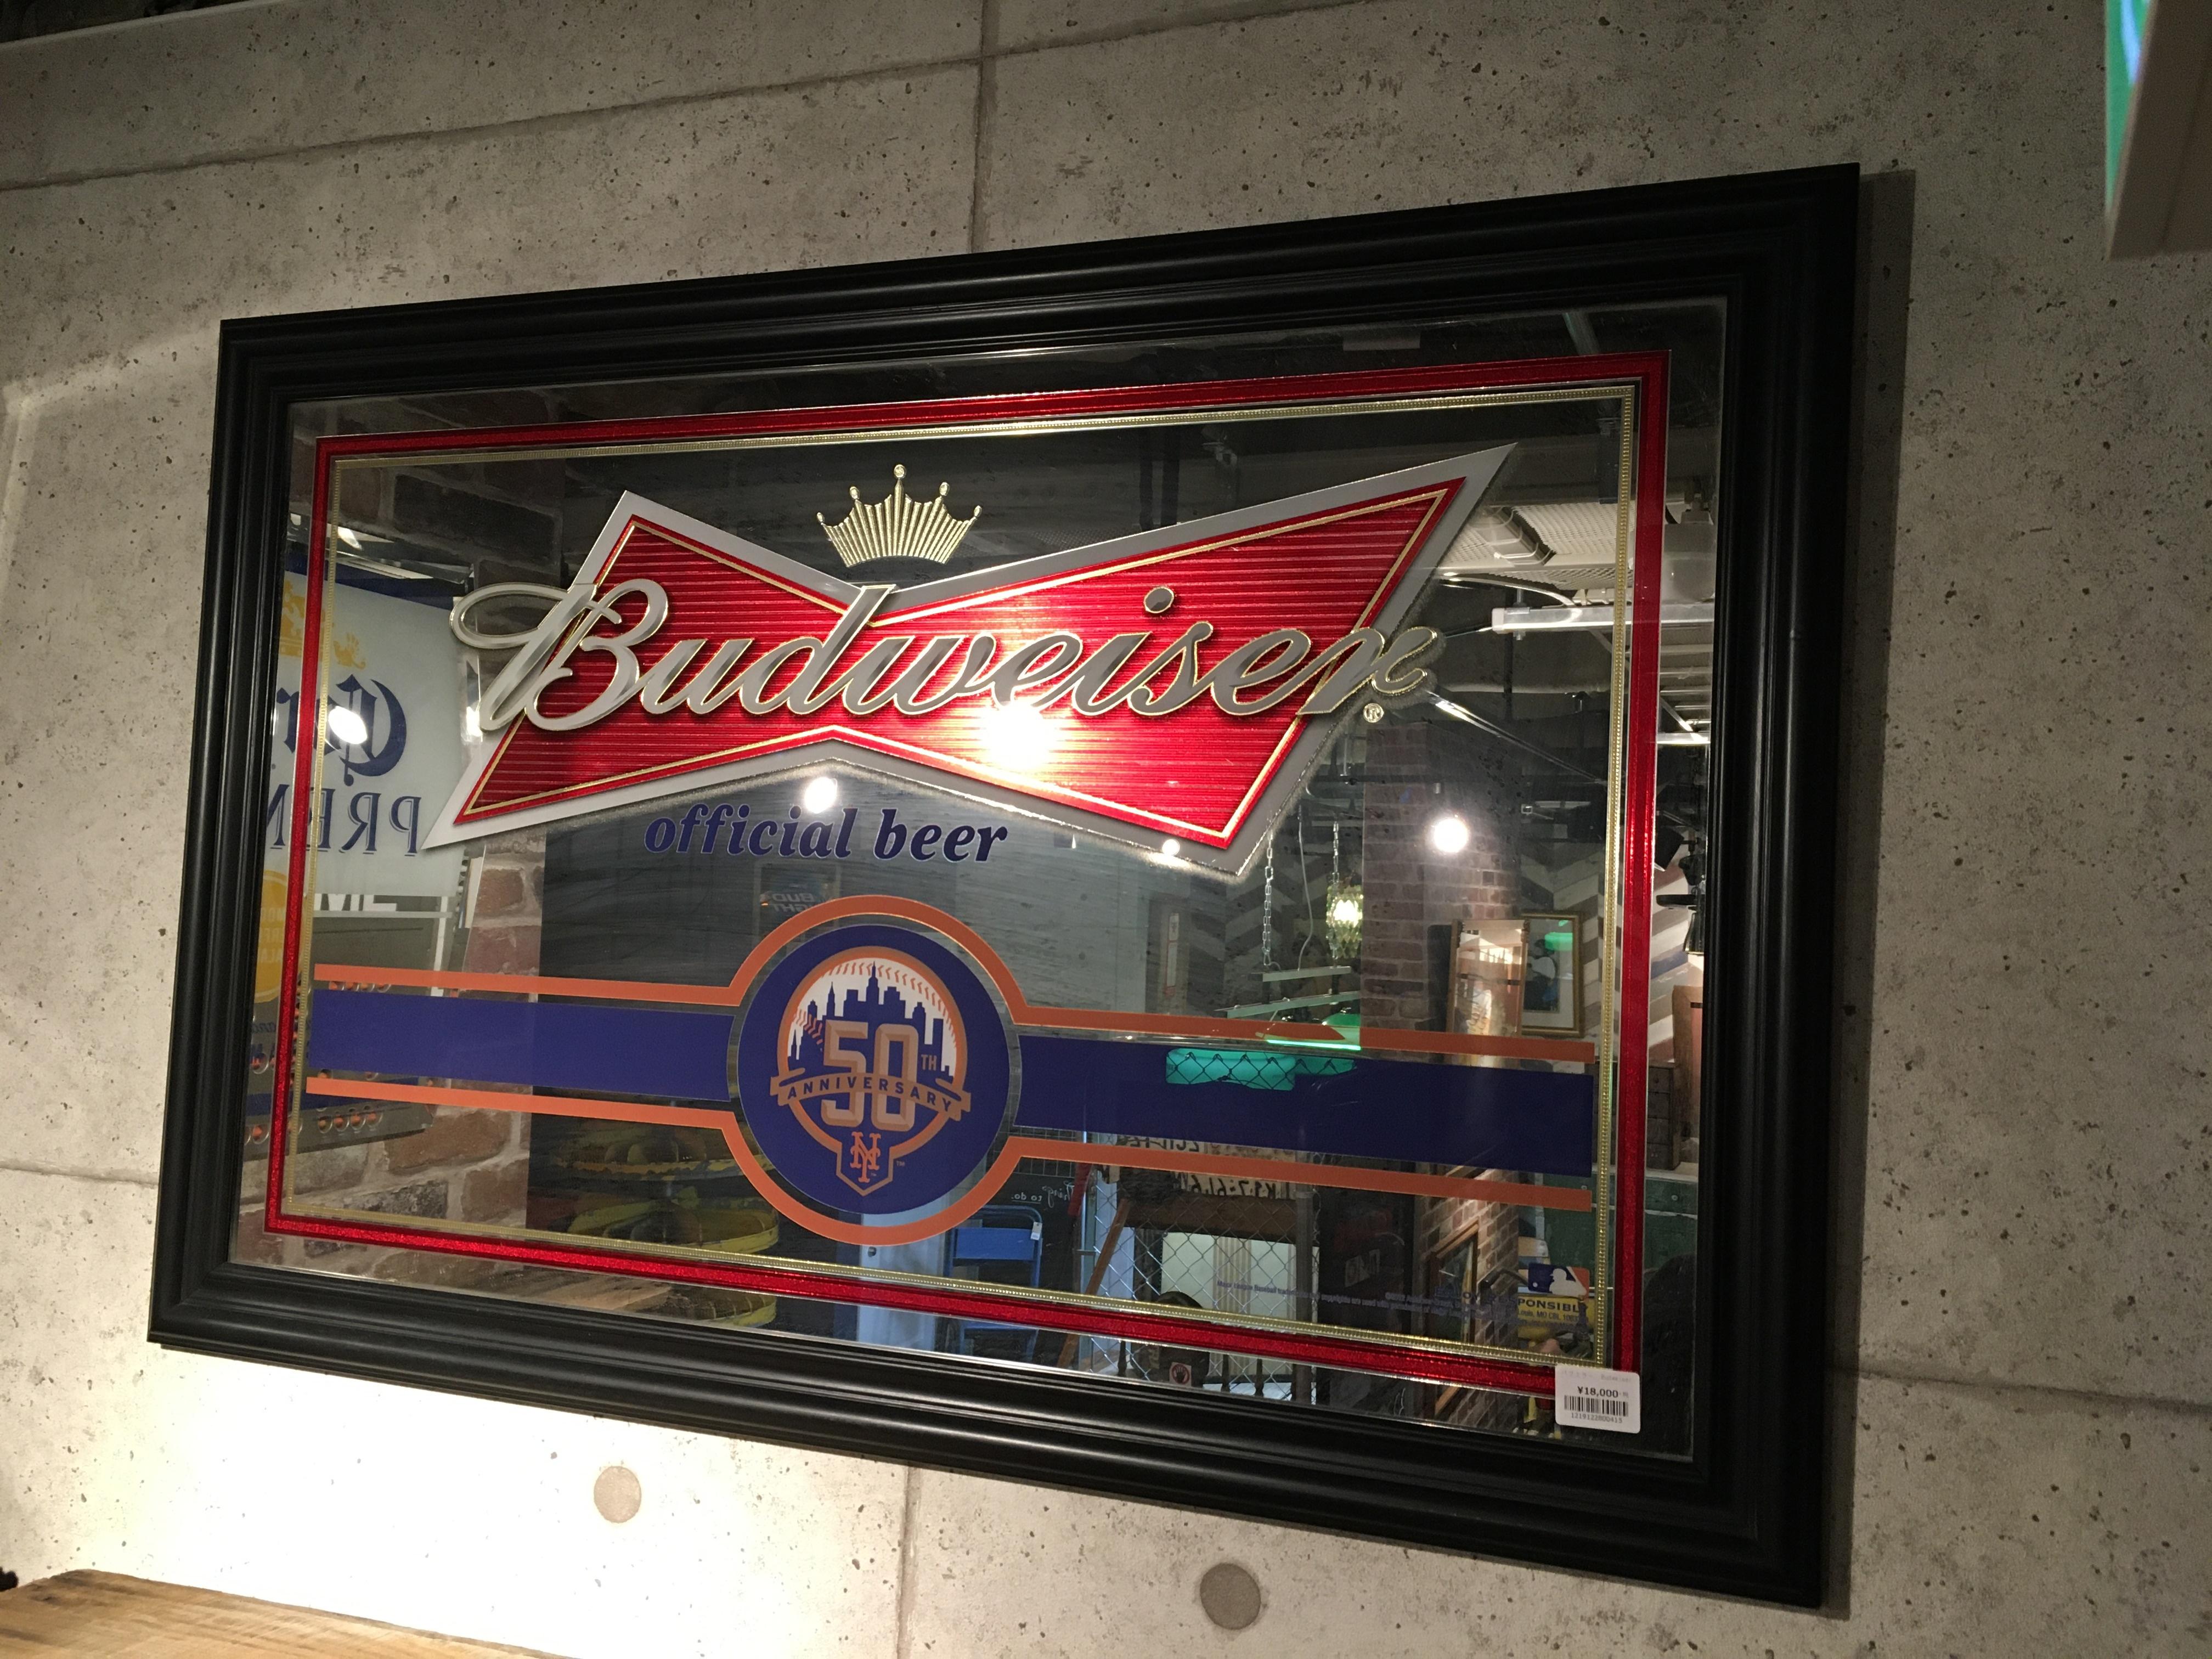 品番0415 パブミラー Budweiser バドワイザー インテリア 鏡 011